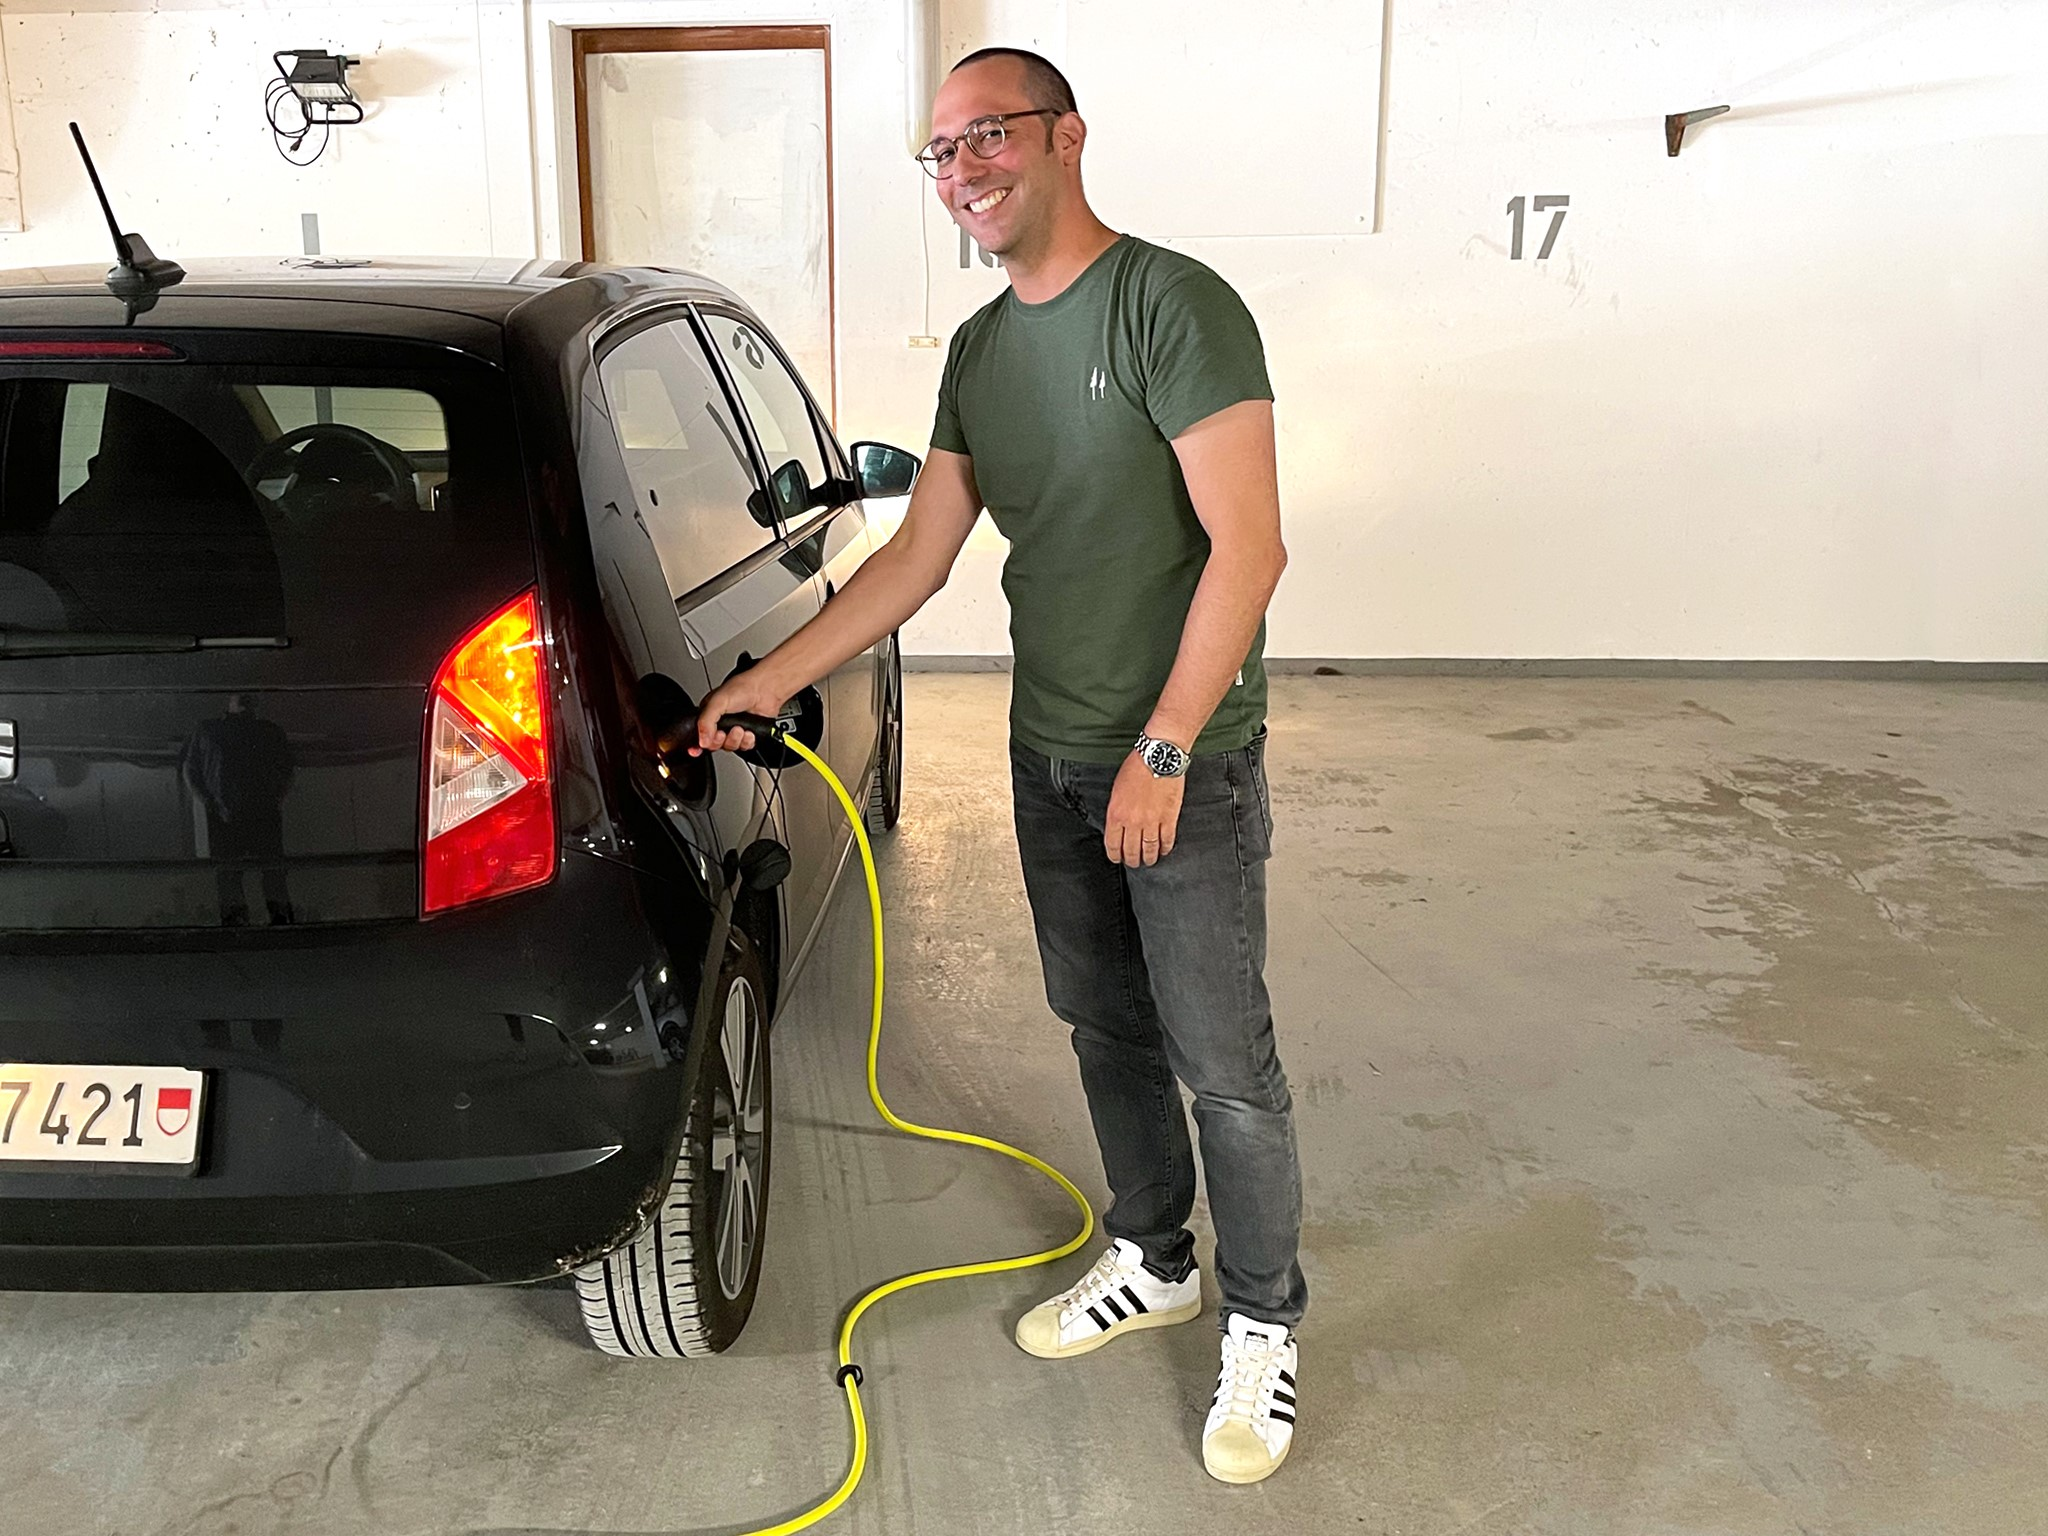 Georg Kundert steht stolz neben seinem Elektroauto und schliesst dieses an seine neue Ladestation an. Auf seine Initiative hin, hat die Überbauung in Lohn-Ammannsegg die Tiefgarage mit Ladestationen ausgerüstet.